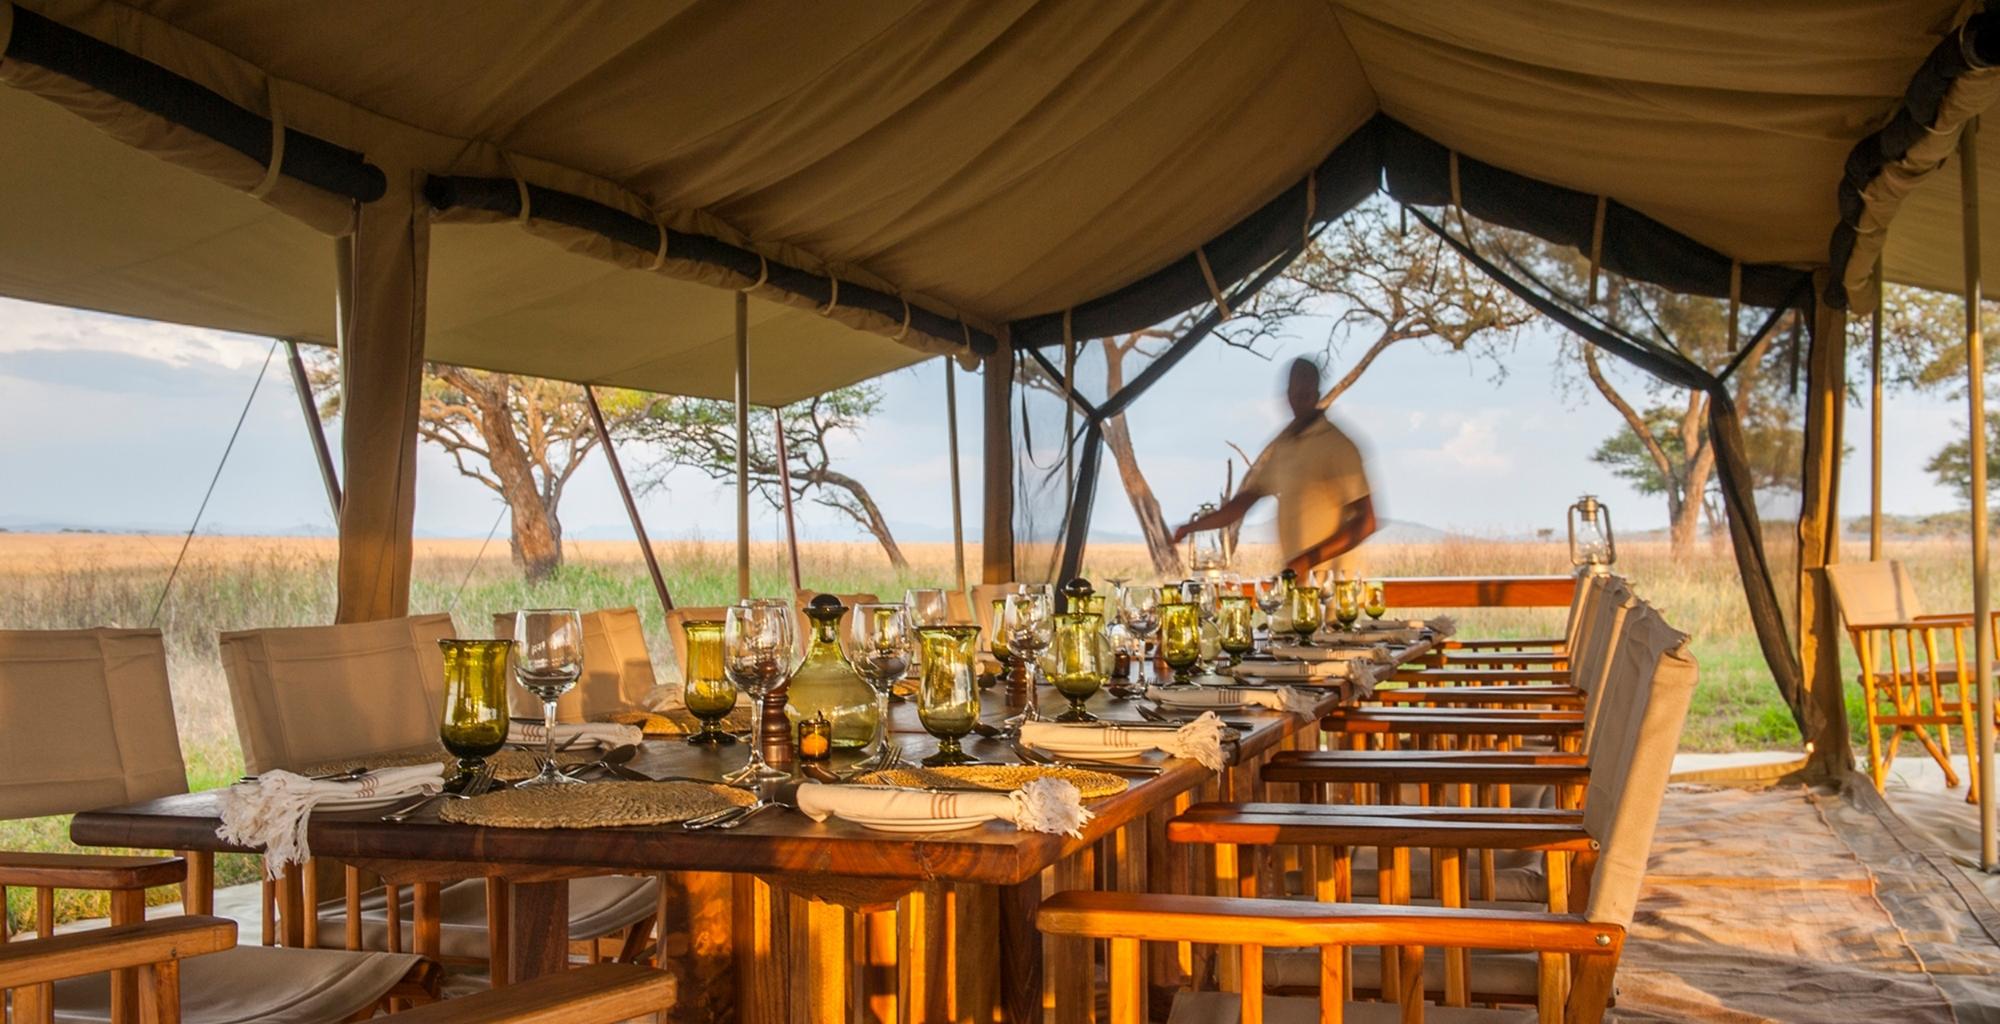 Tanzania-Serengeti-Safari-Camp-Dining